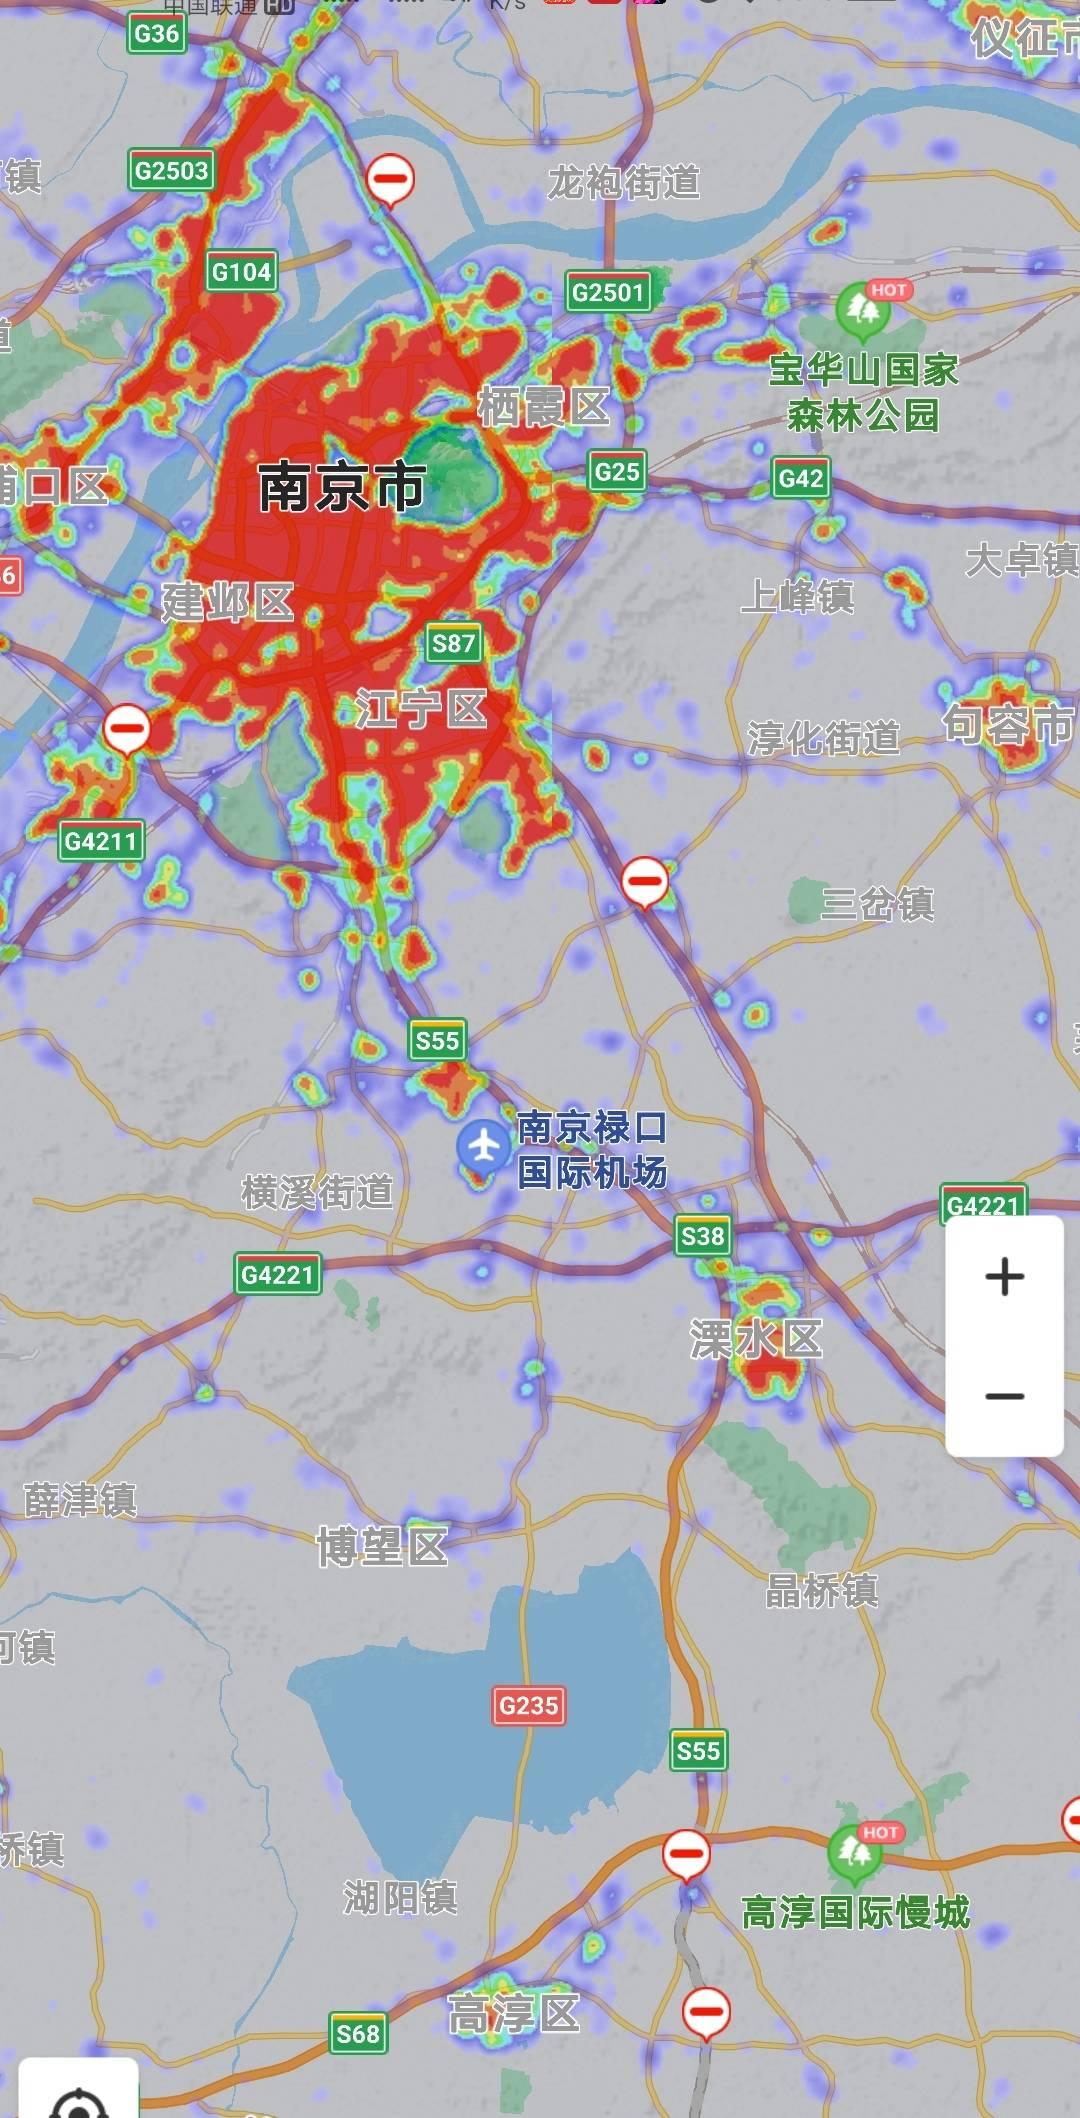 2020年南京市人口变动_南京市人口密度分布图